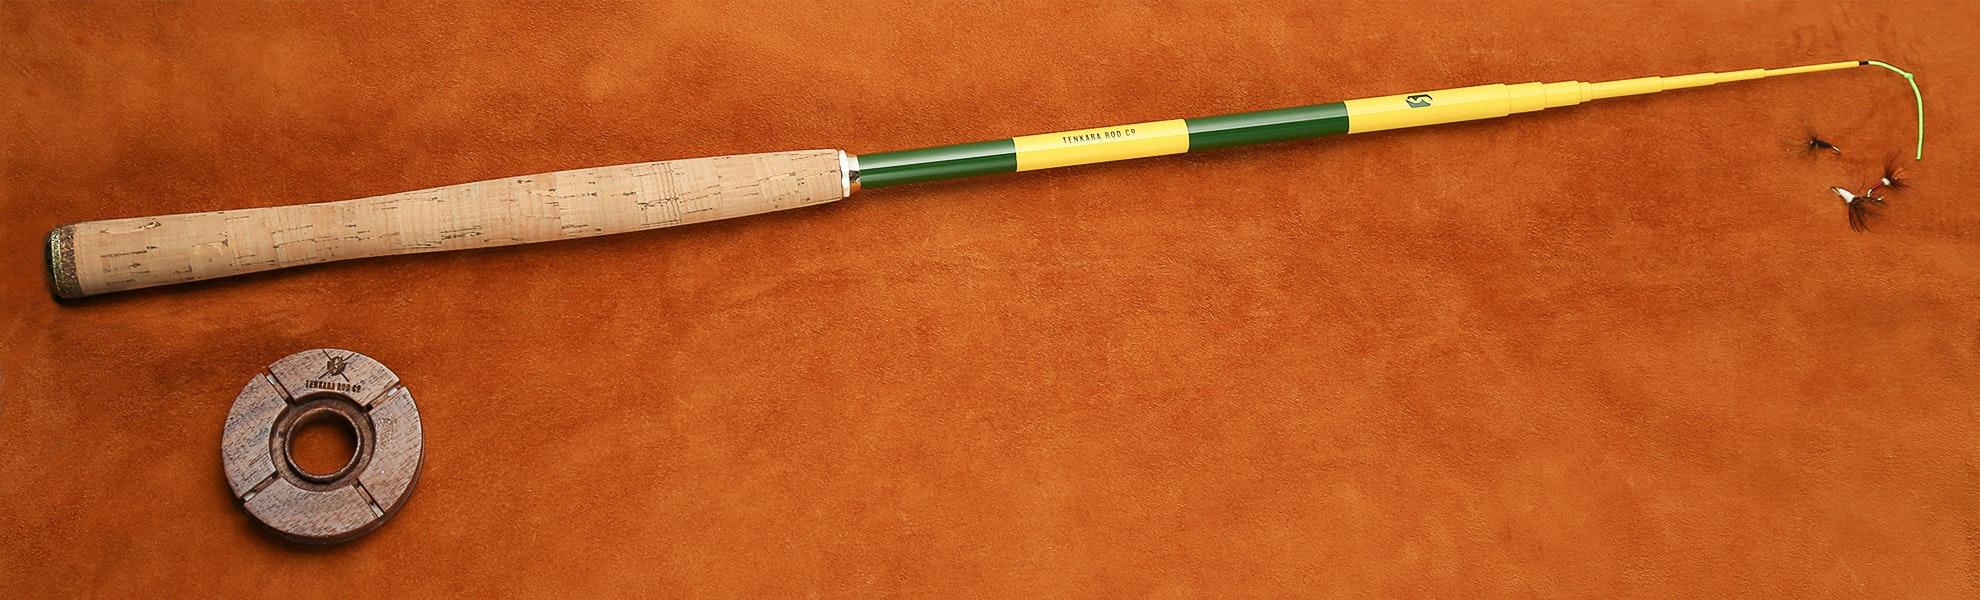 Tenkara Rod Co Owyhee Package